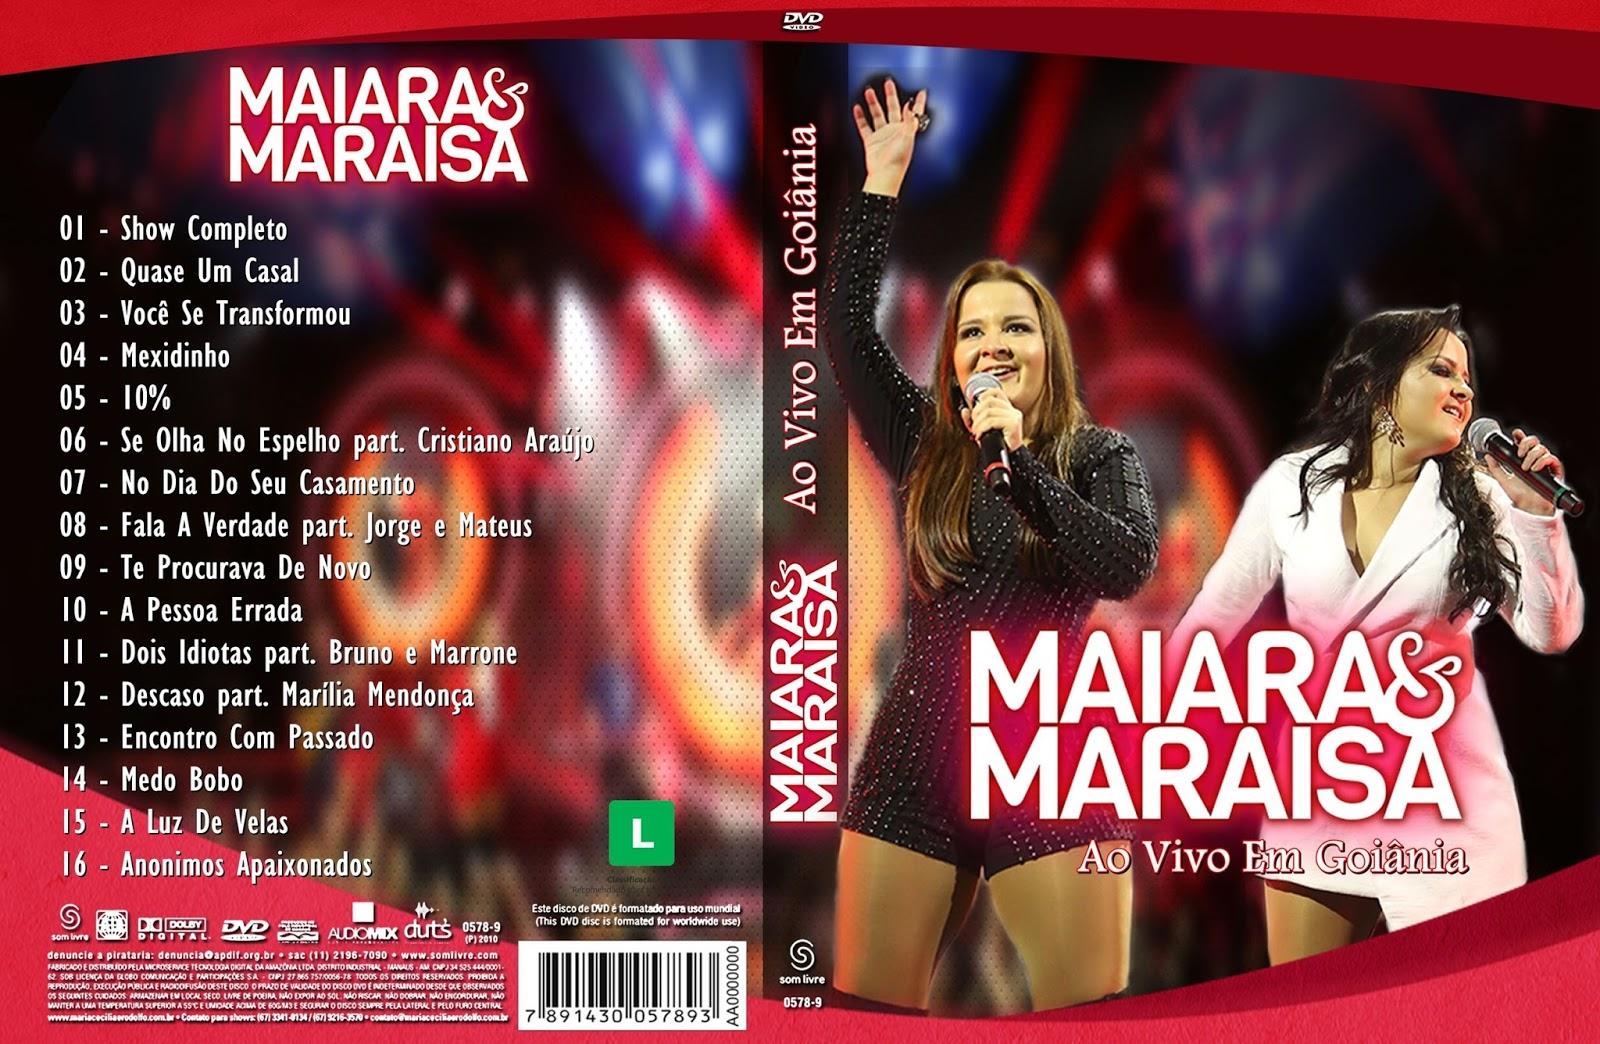 E MARRONE GOIANIA EM BRUNO DVD BAIXAR